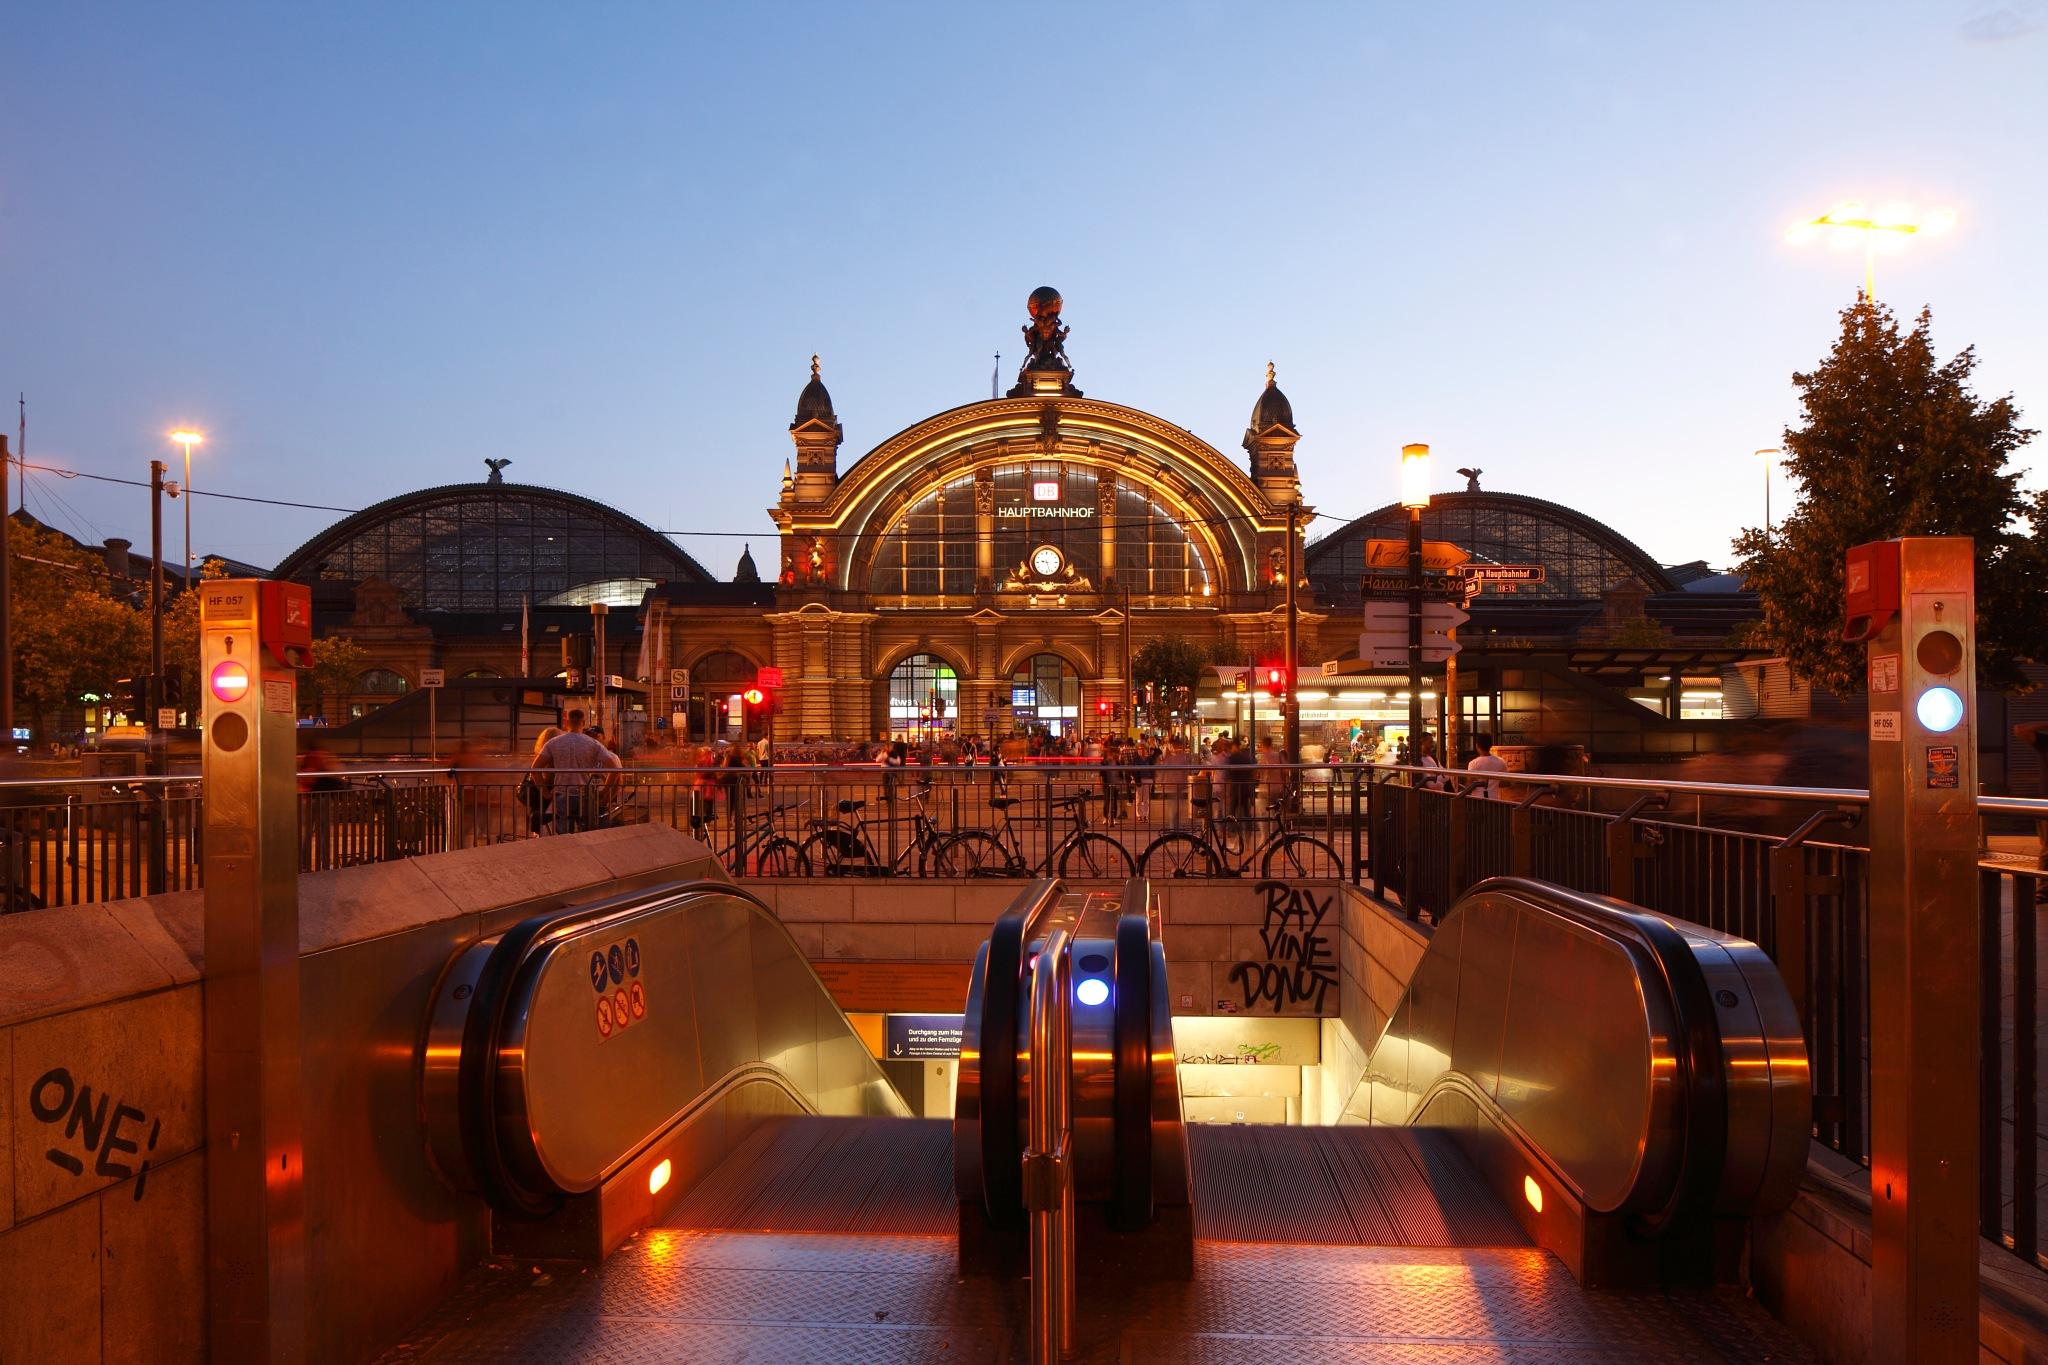 Frankfurt Central Station by Torsten Krüger